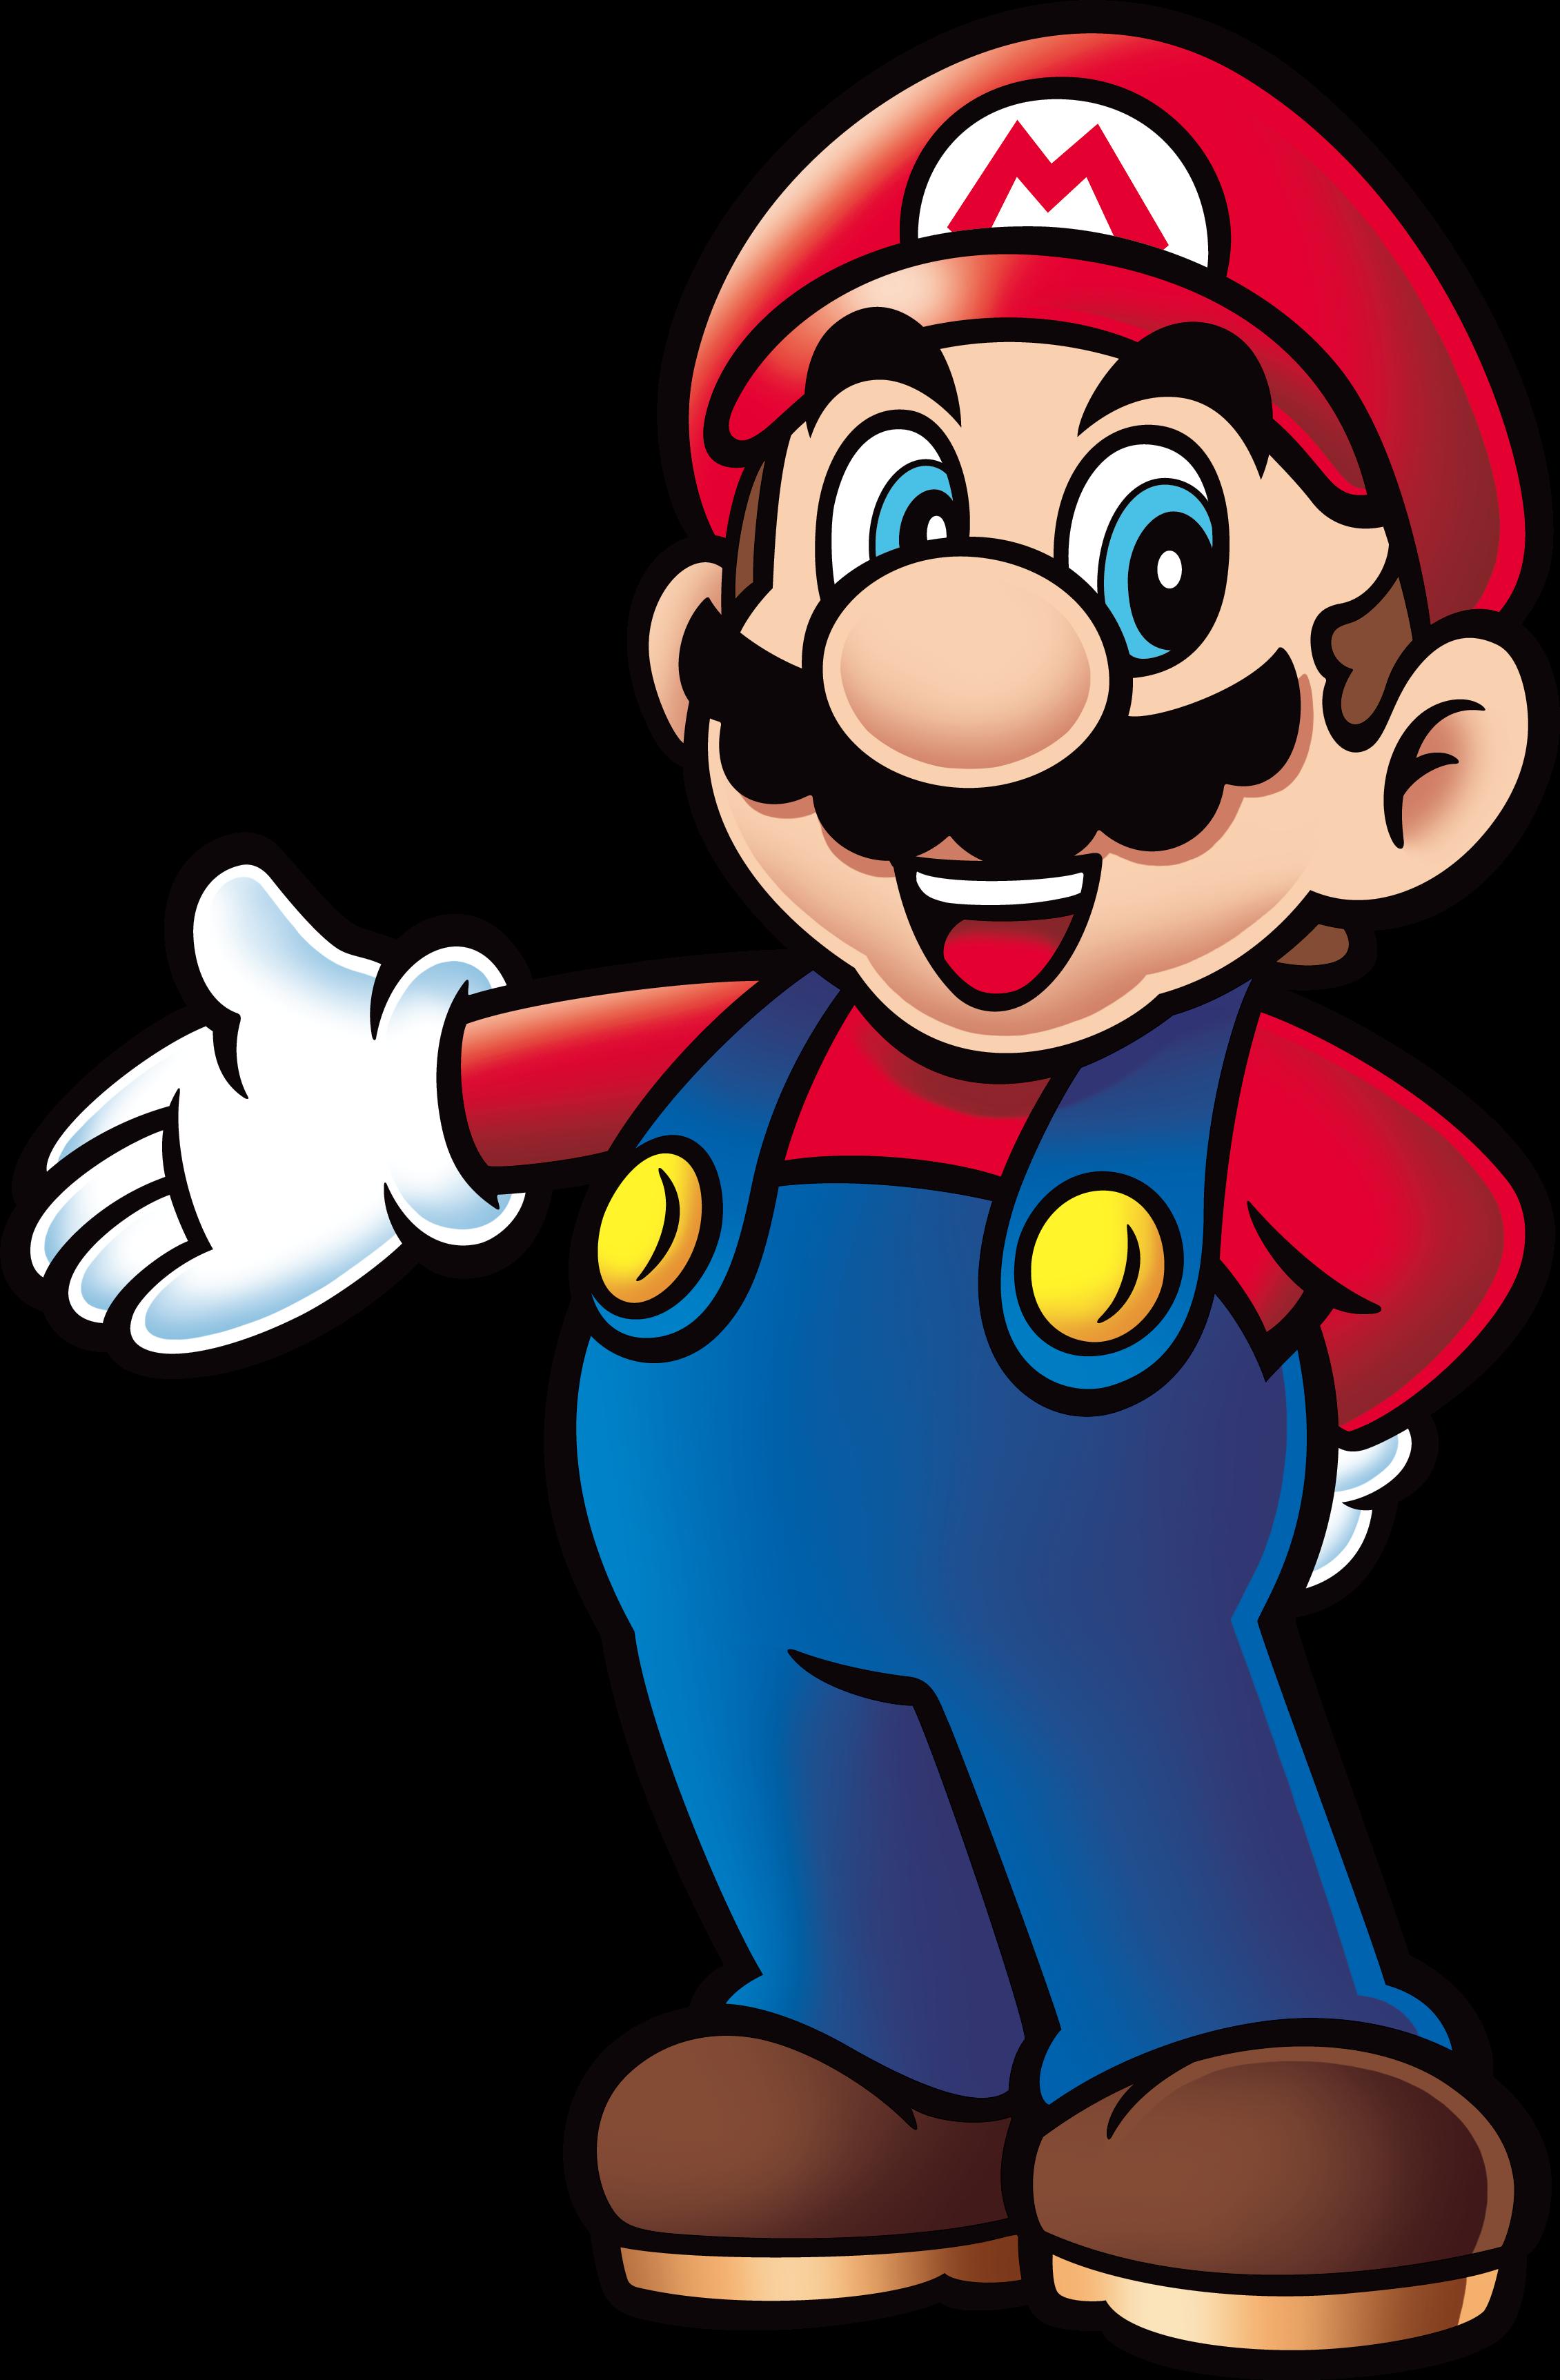 Super Mario Png Image Super Mario Art Super Mario Mario Bros